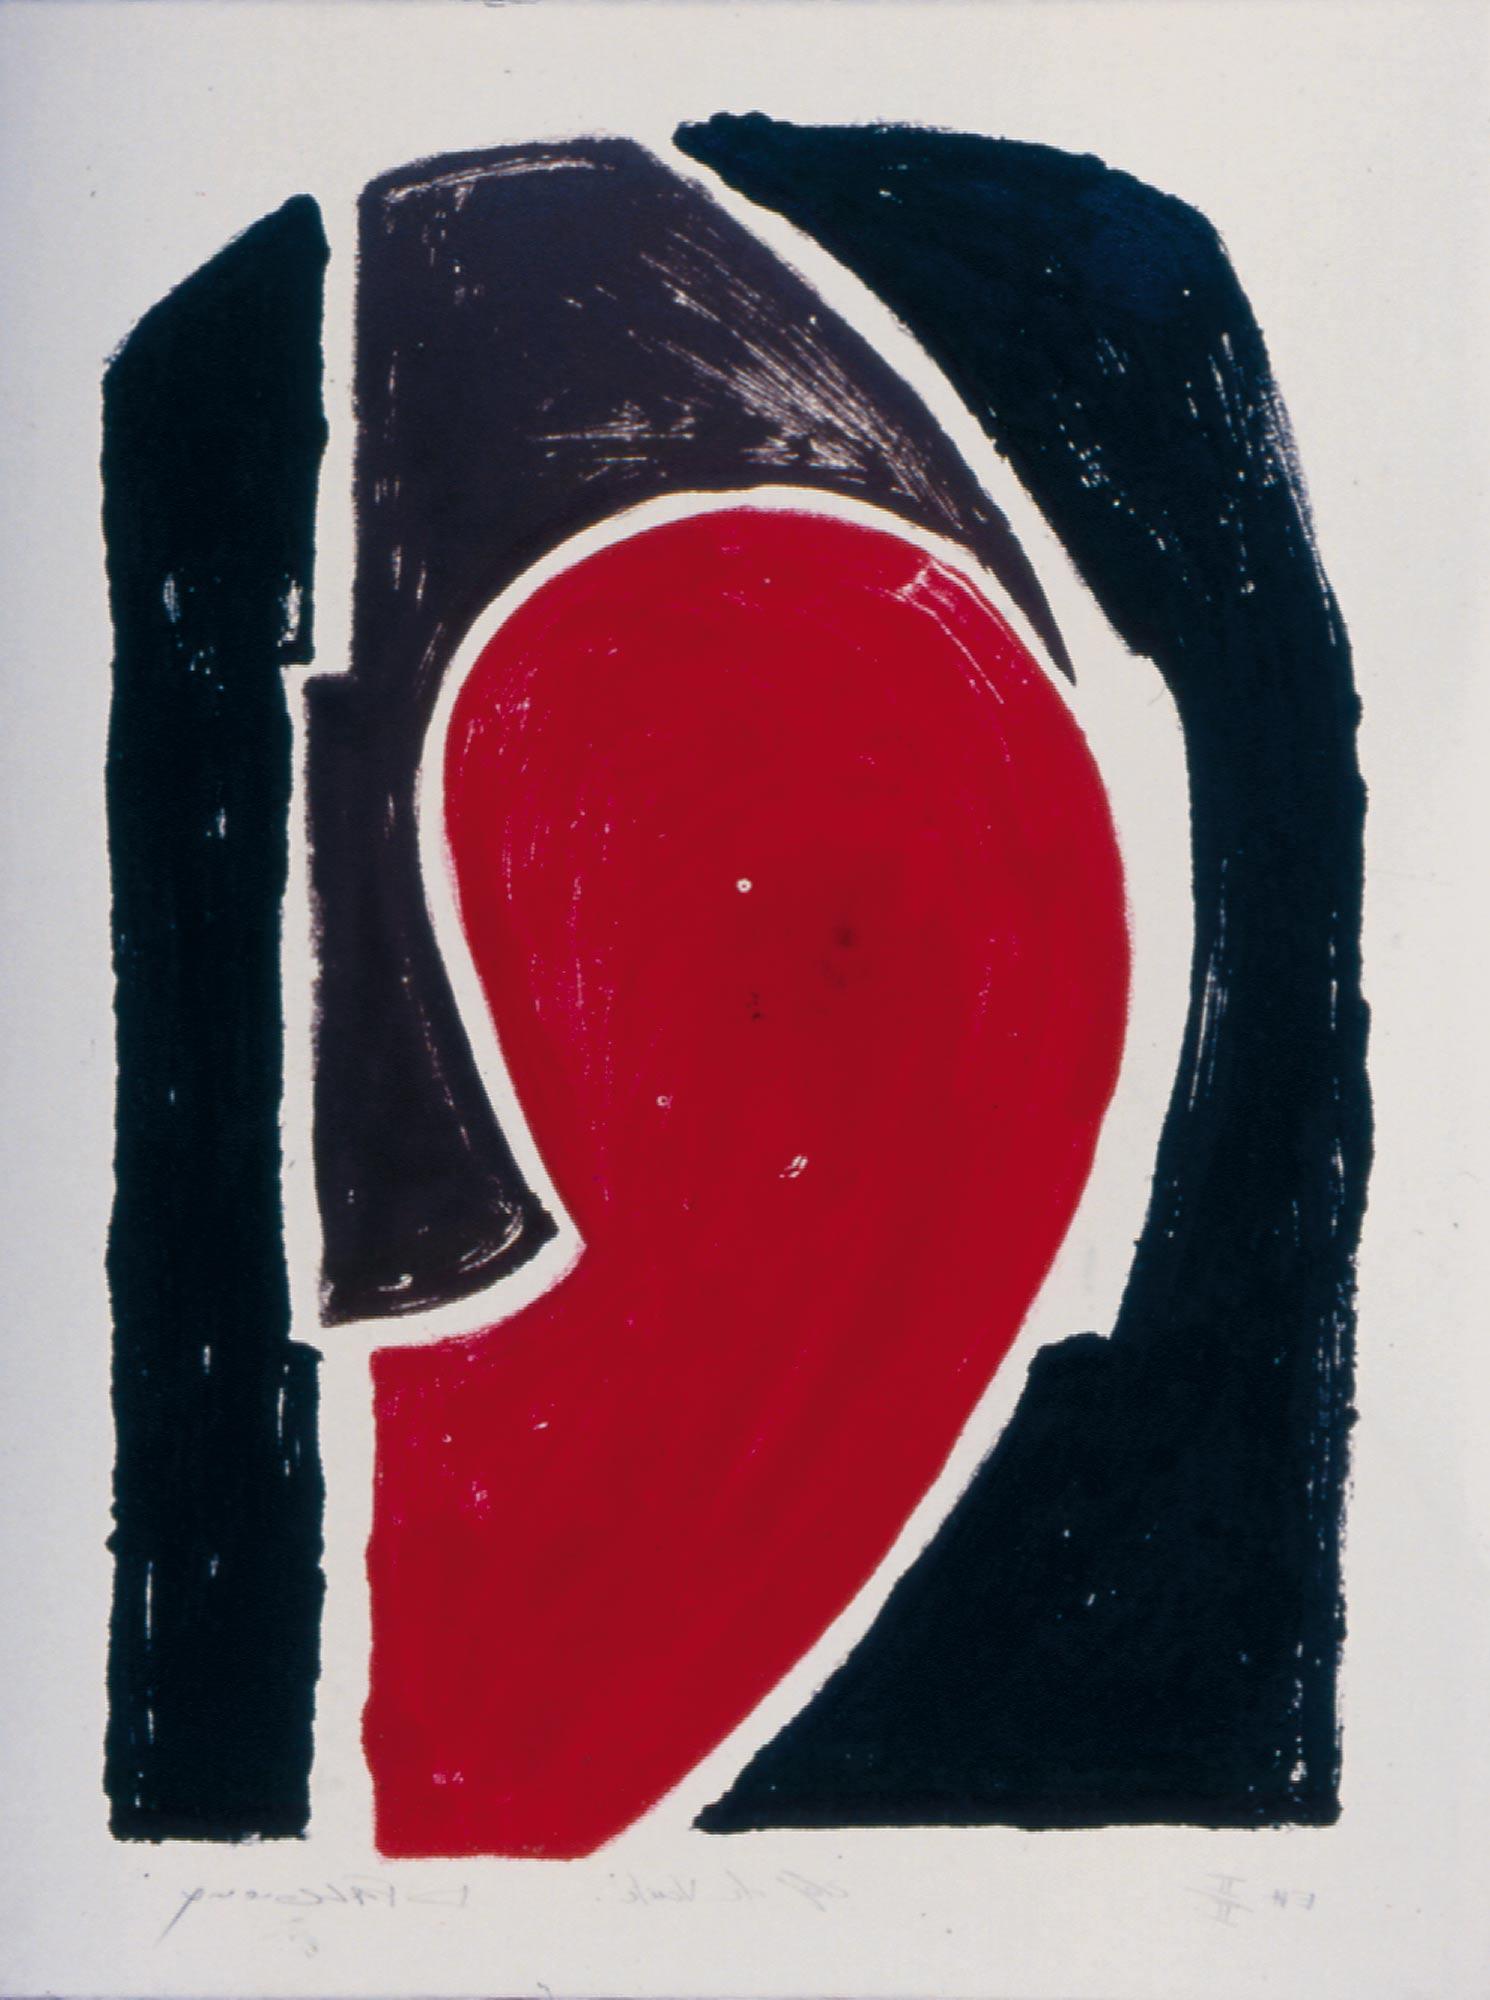 Clef de voute - 1987 – Encre Typographique. 65 x 50 cm. Denis Falgoux. Collection particulière